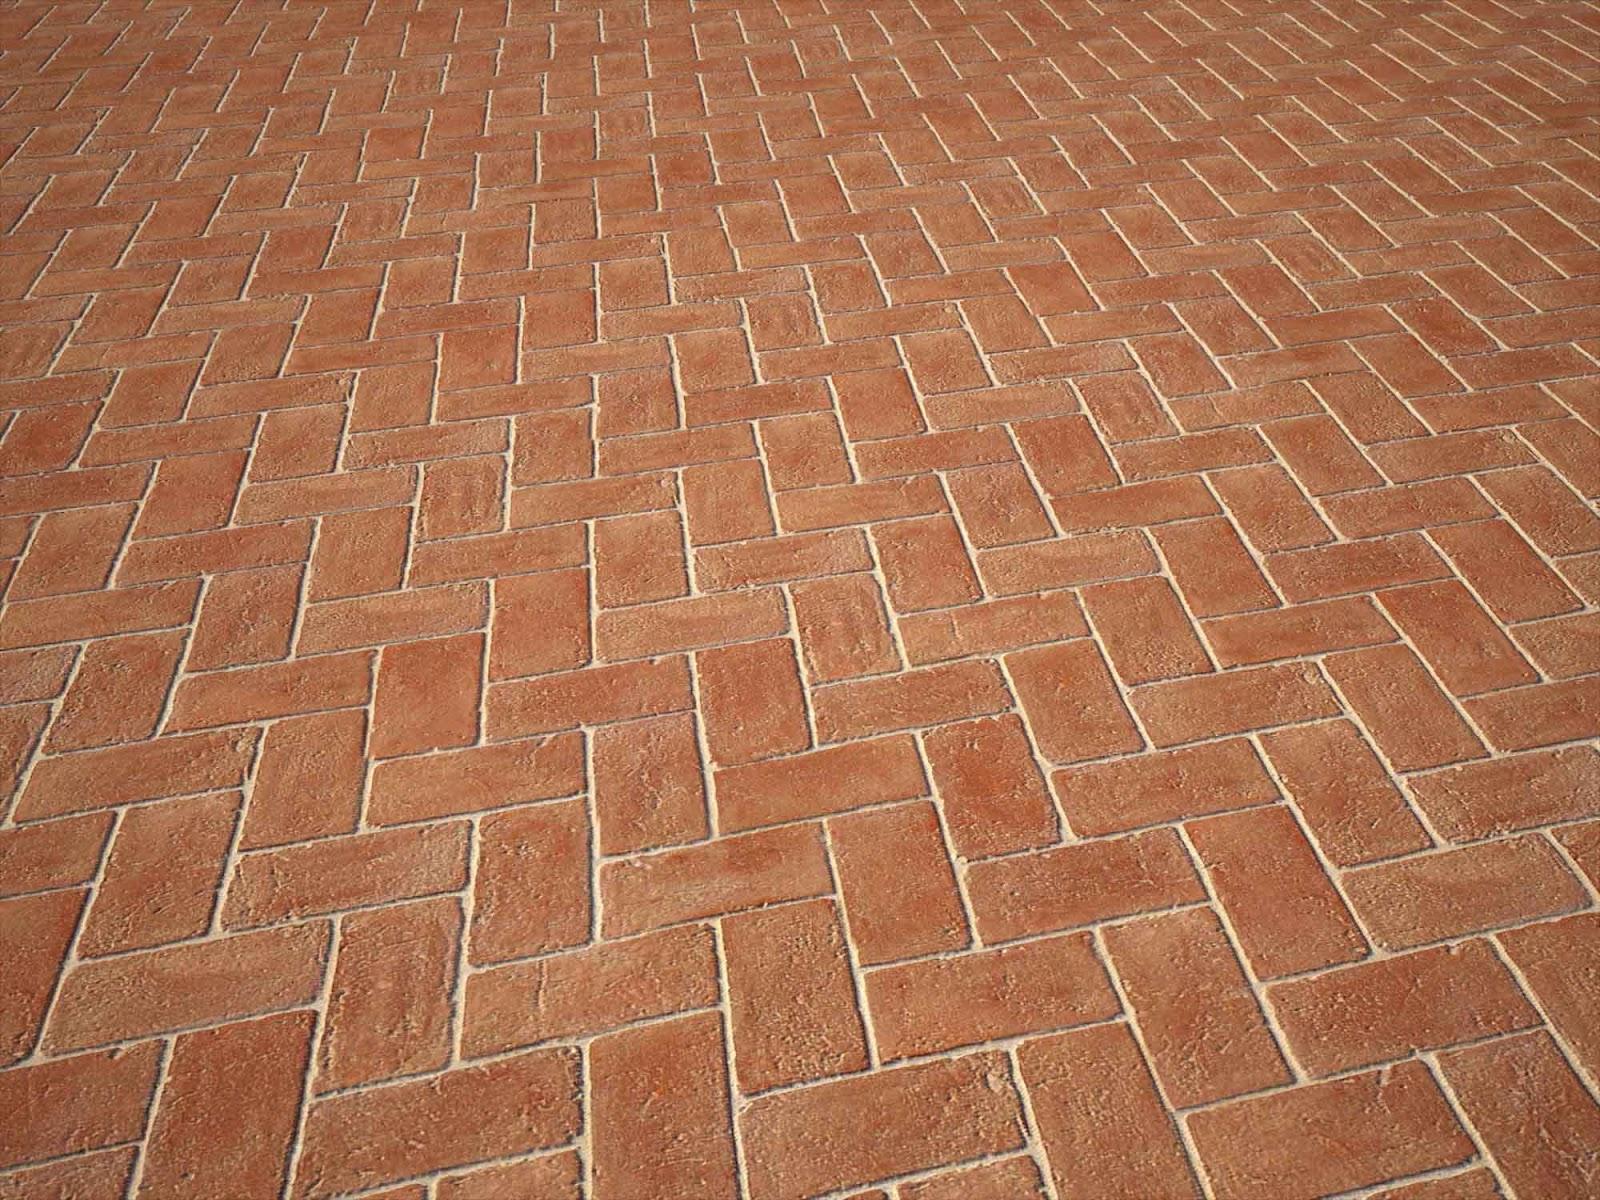 Simo texture seamless di pavimento in - Cotto per esterno prezzi ...